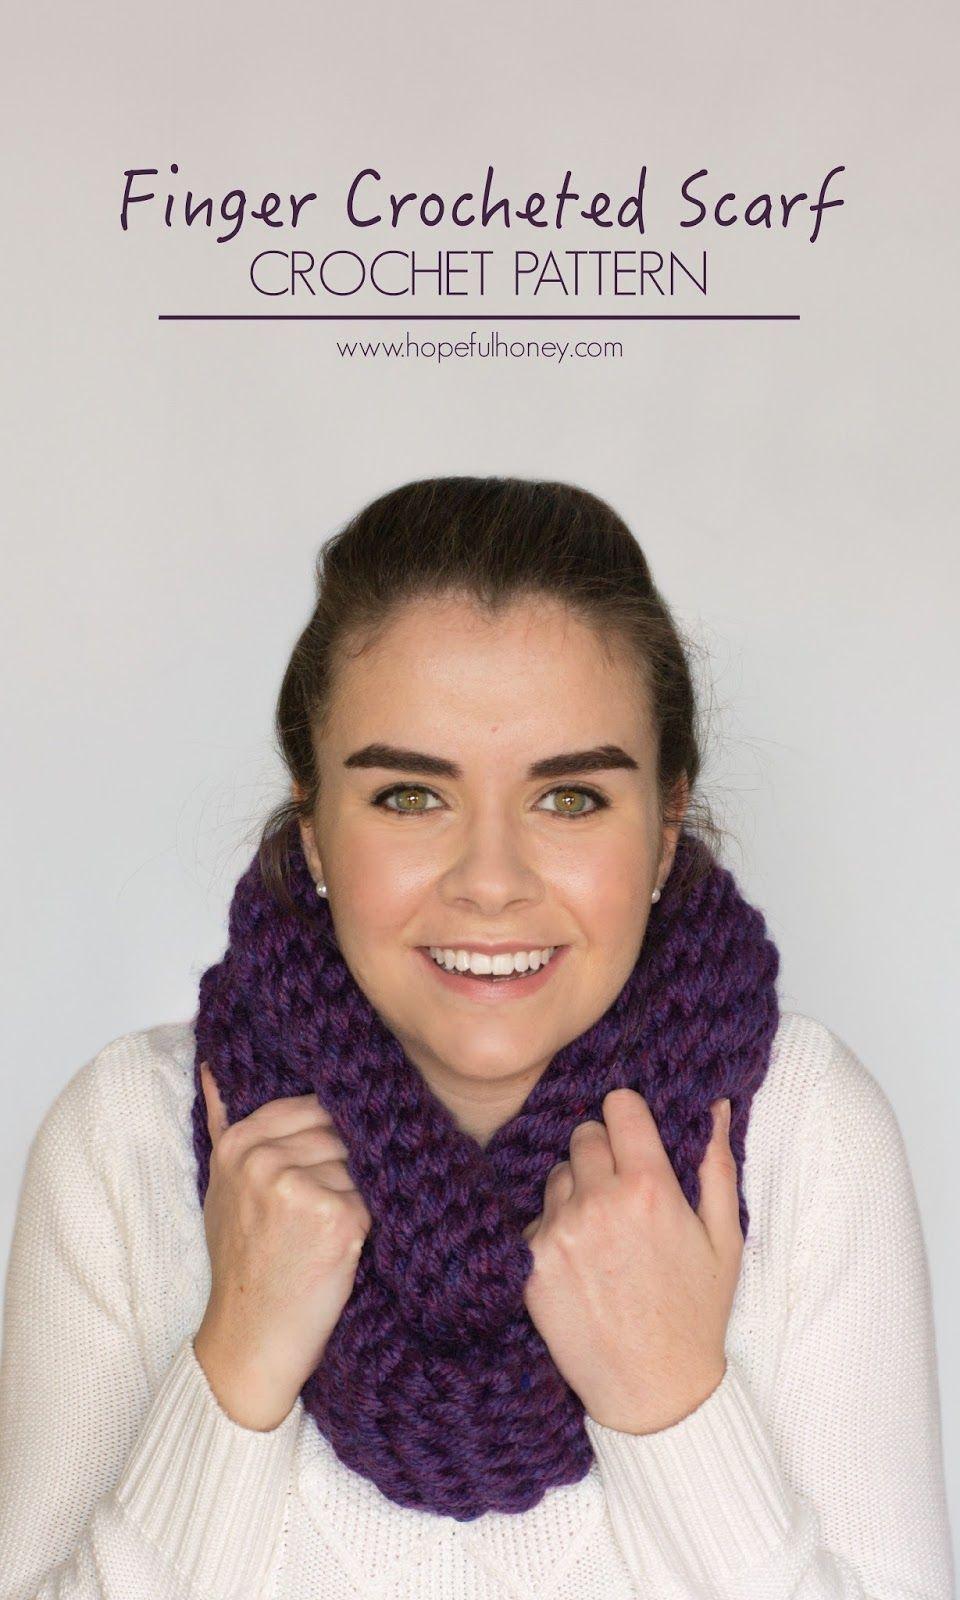 Chunky Finger Crocheted Scarf Pattern | Finger crochet, Crochet ...